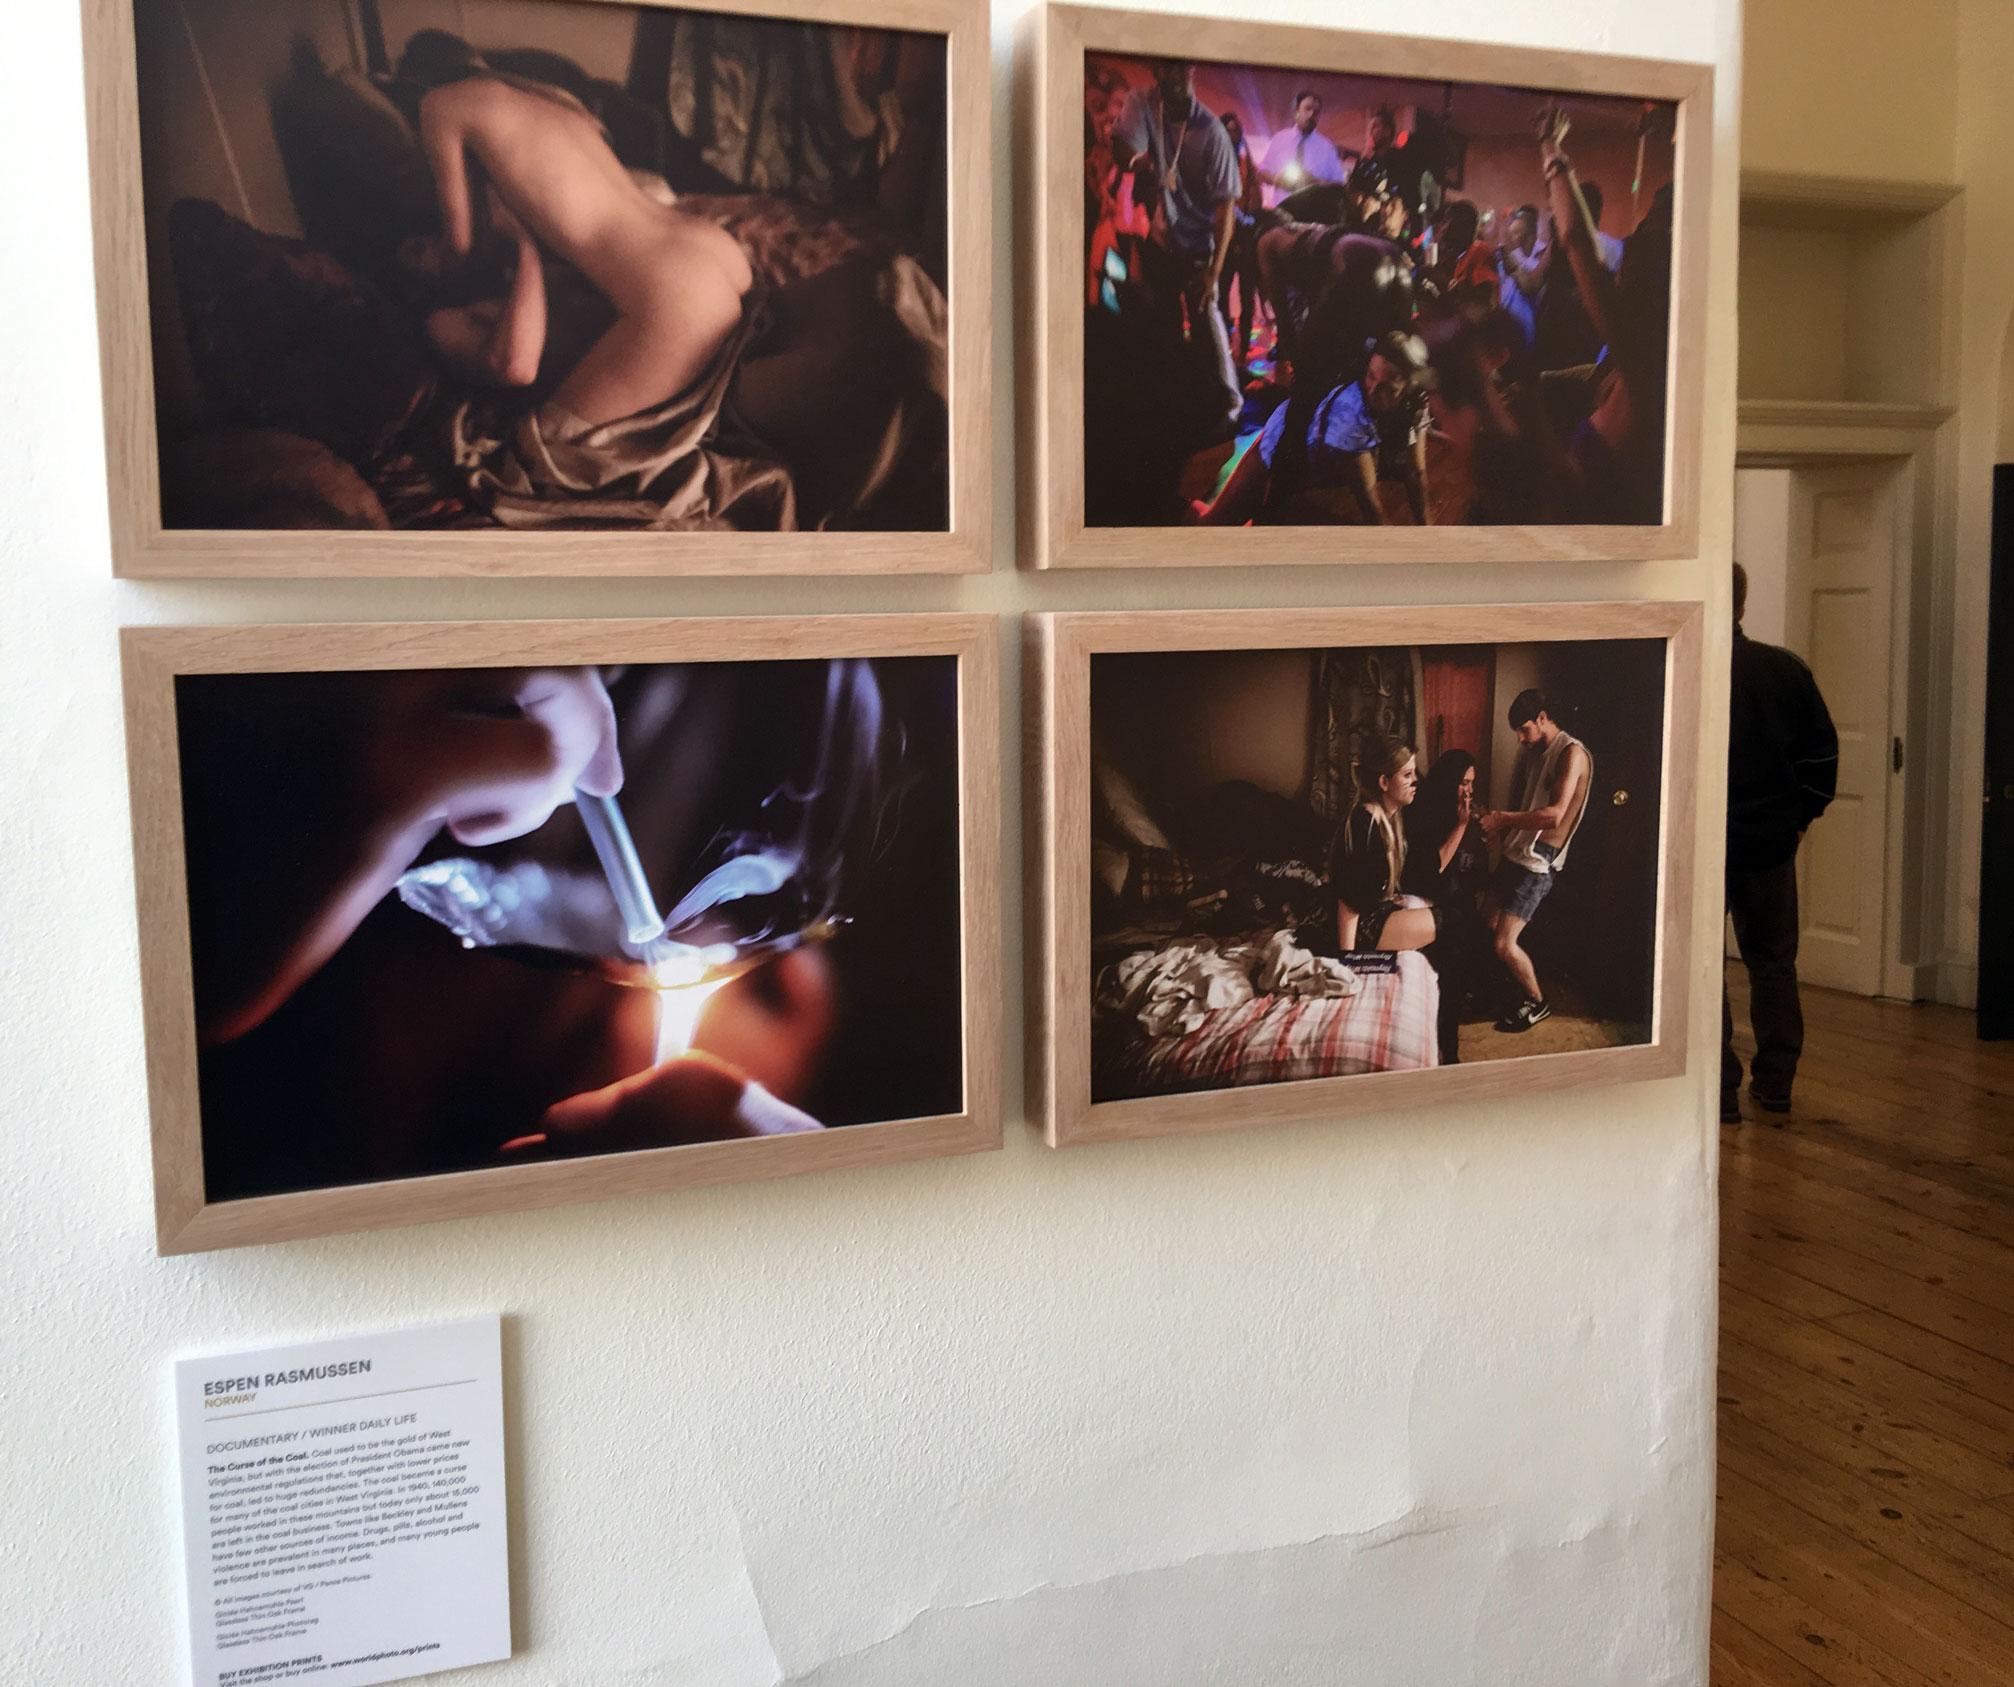 Espen Rasmussens vinnerbidrag er blant de 500 bildene som er utstilt på Somerset House i London 22. april til 8. mai 2016.